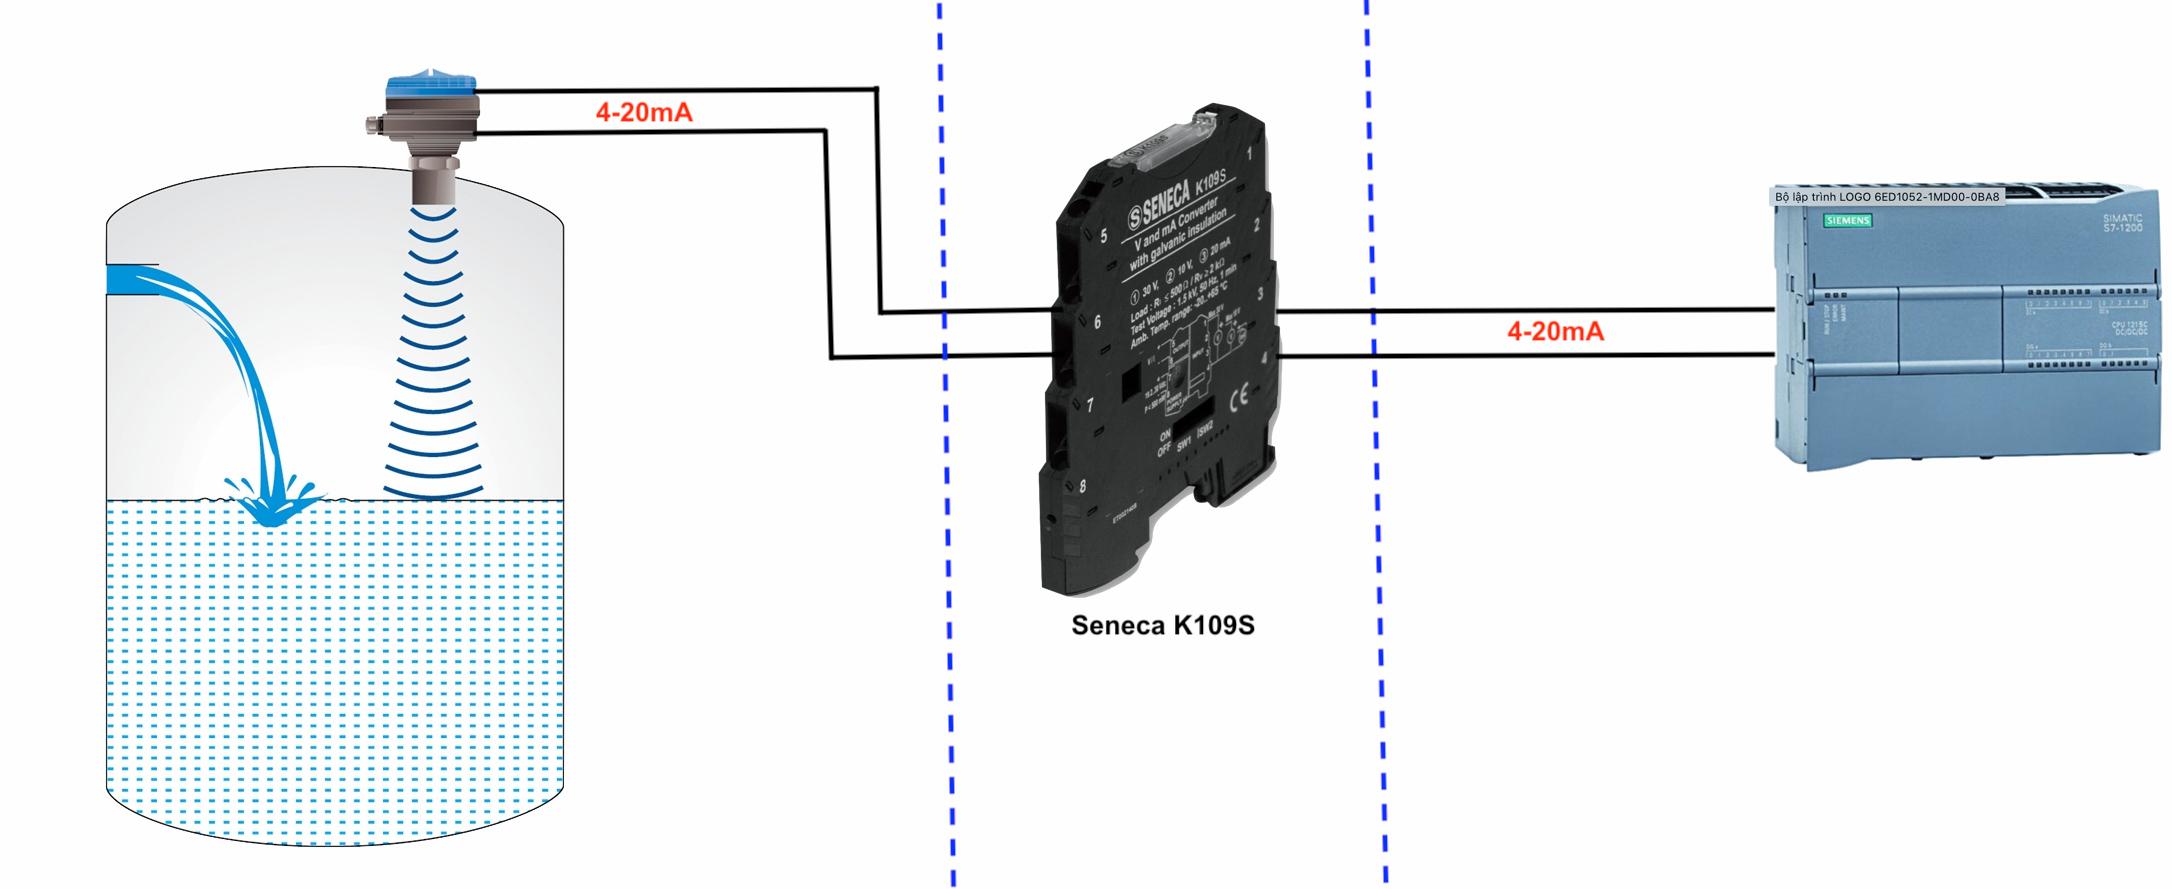 ứng dụng bộ cách ly tín hiệu 4-20mA Seneca K109S